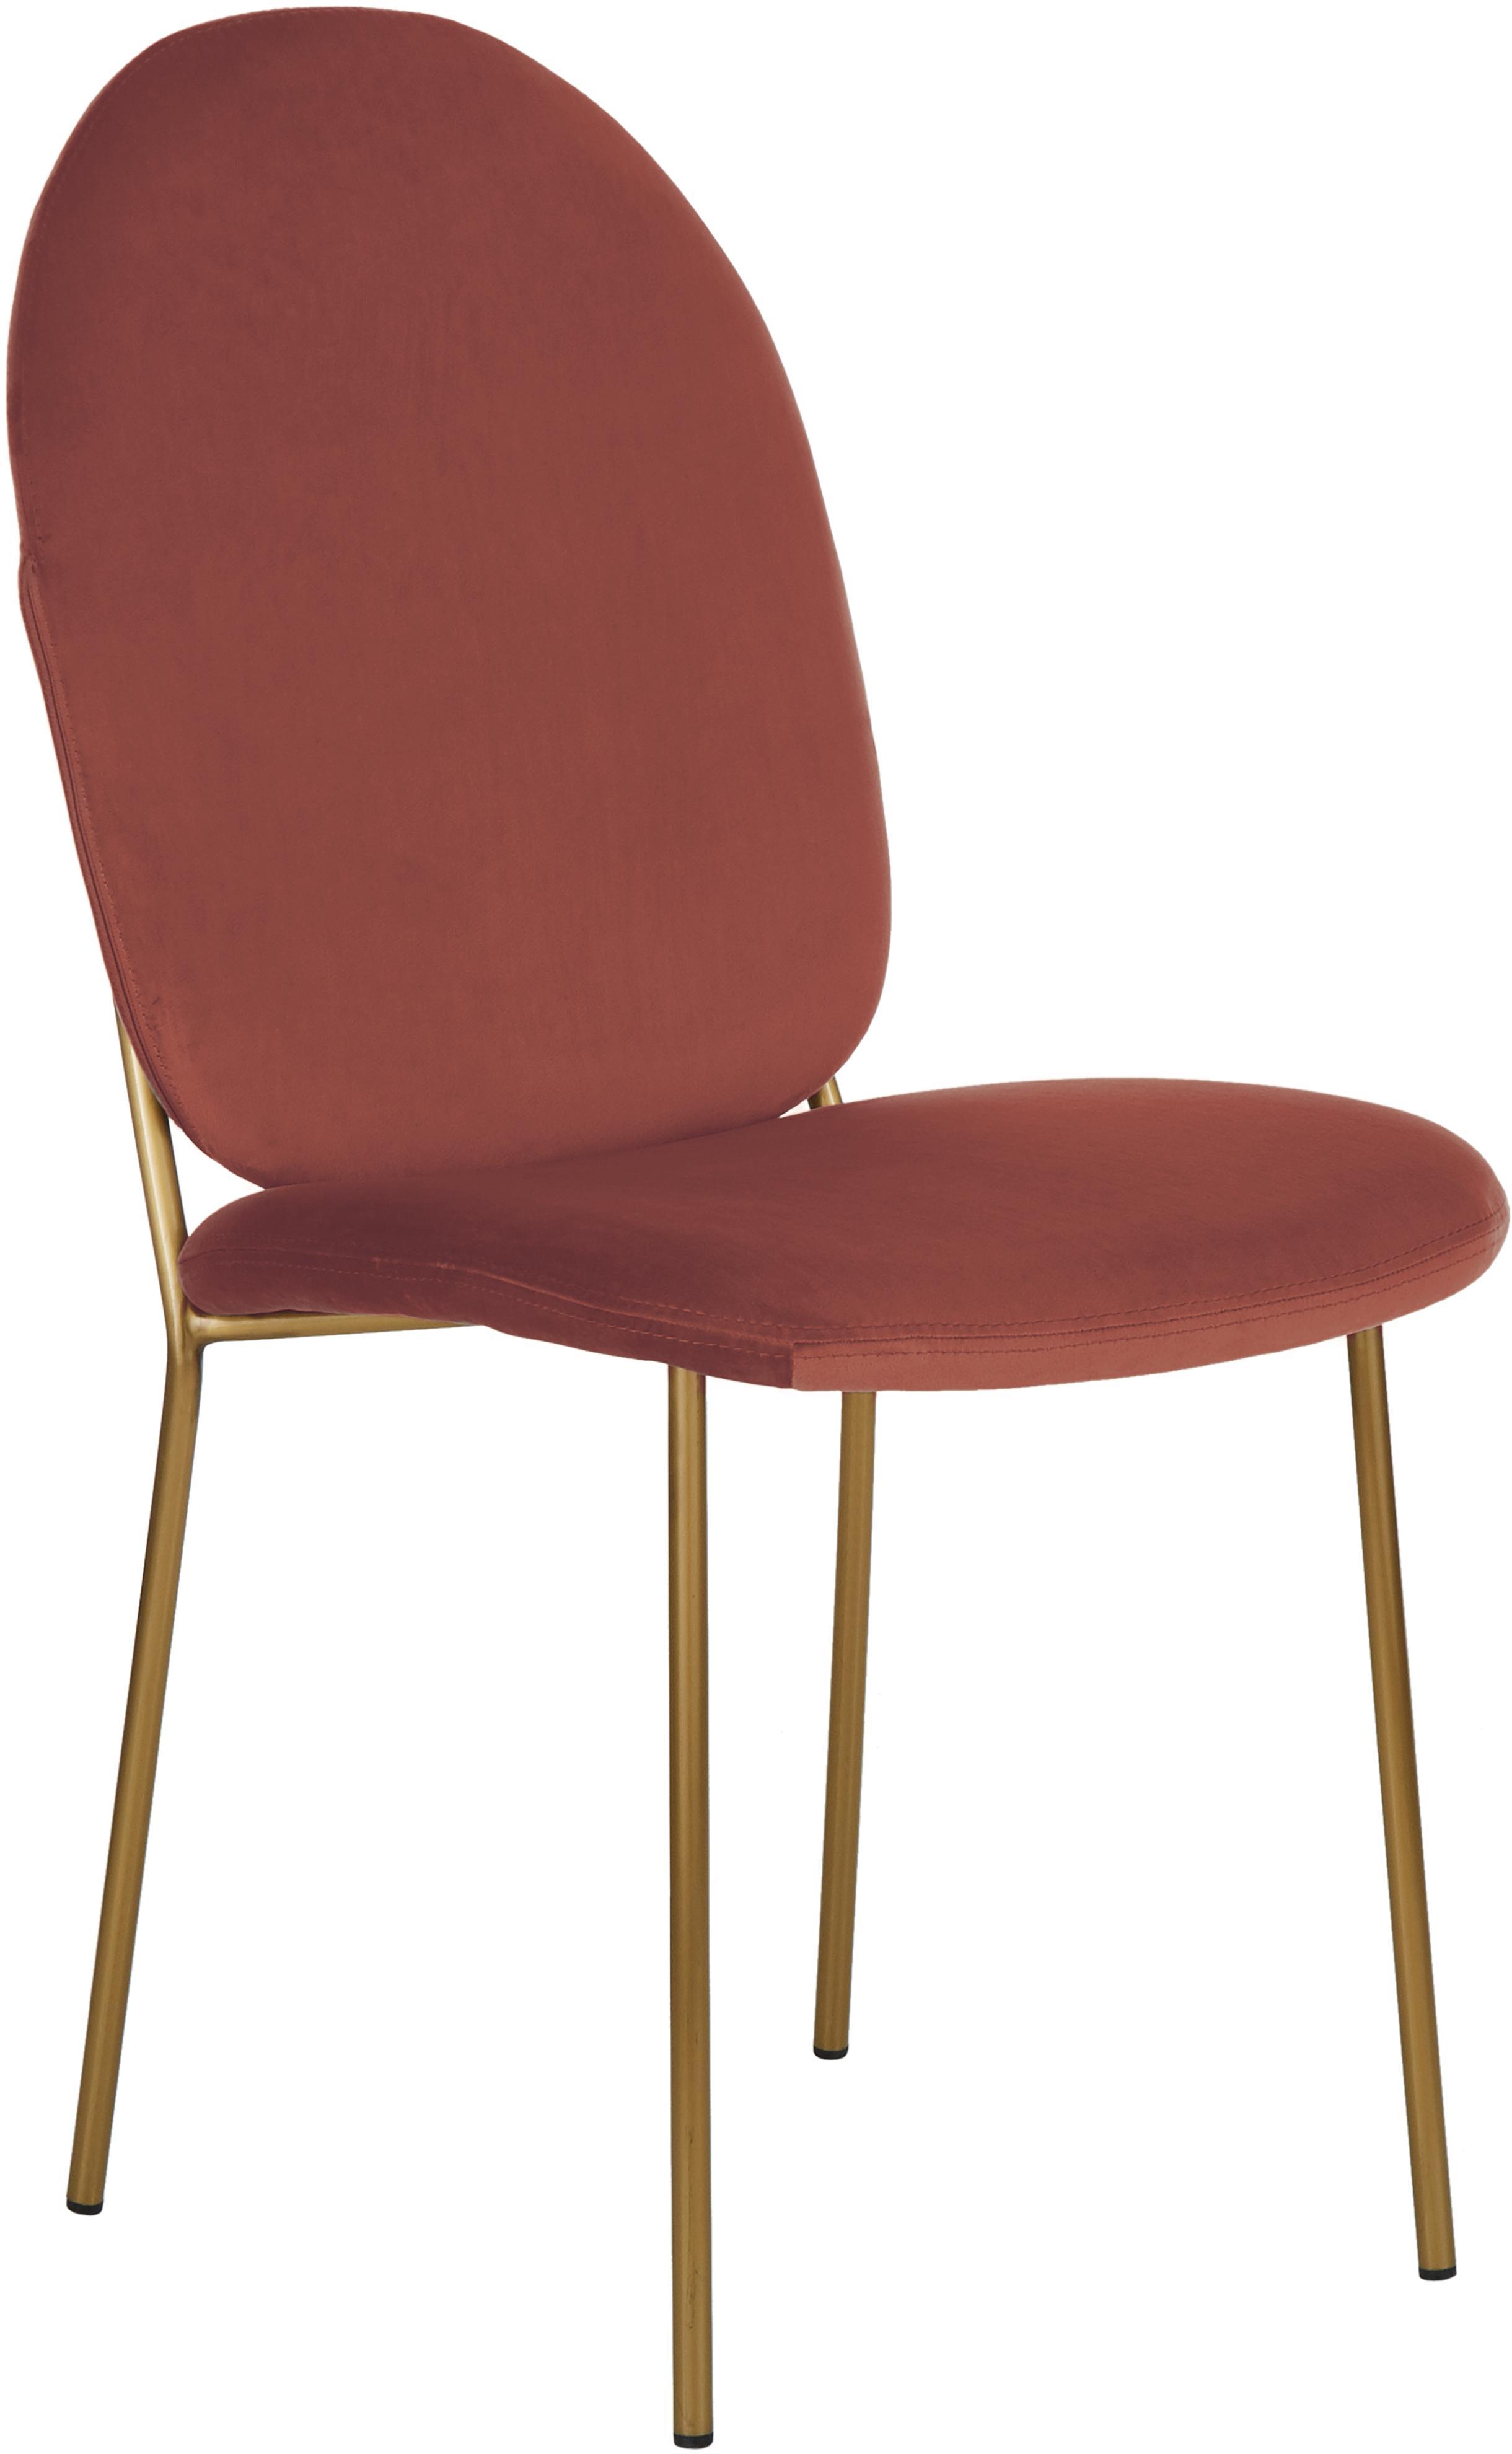 Fluwelen stoel Mary, Bekleding: fluweel (polyester), Poten: bekleed metaal, Terracotta, B 44 x D 65 cm